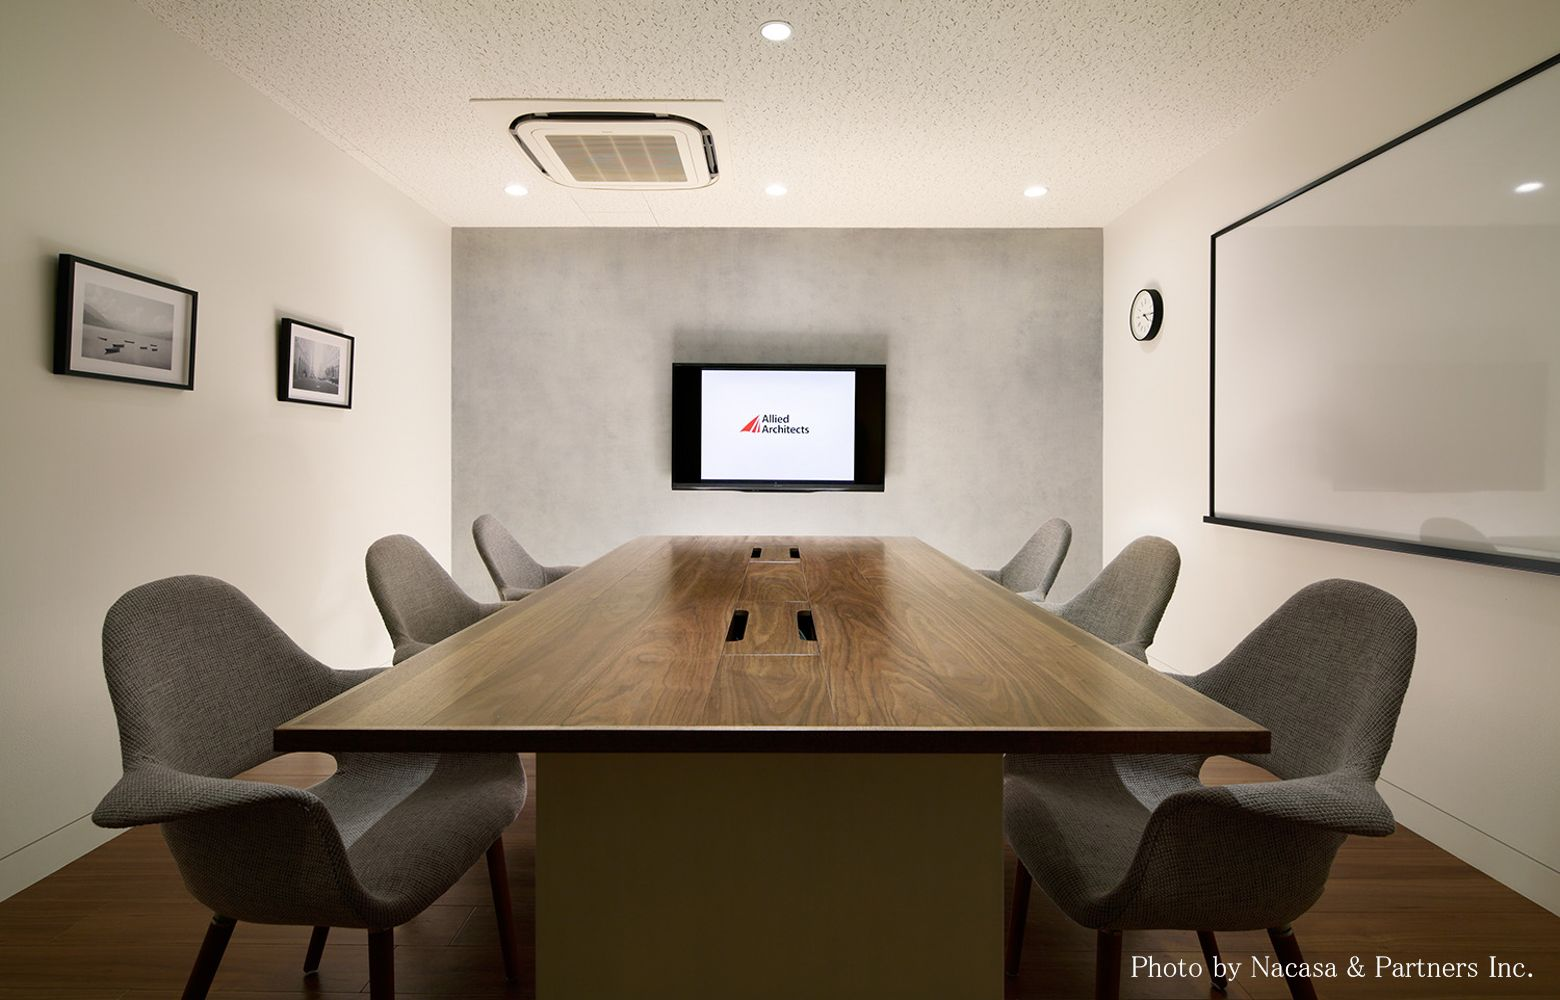 アライドアーキテクツ株式会社会議室 応接室 meeting conference